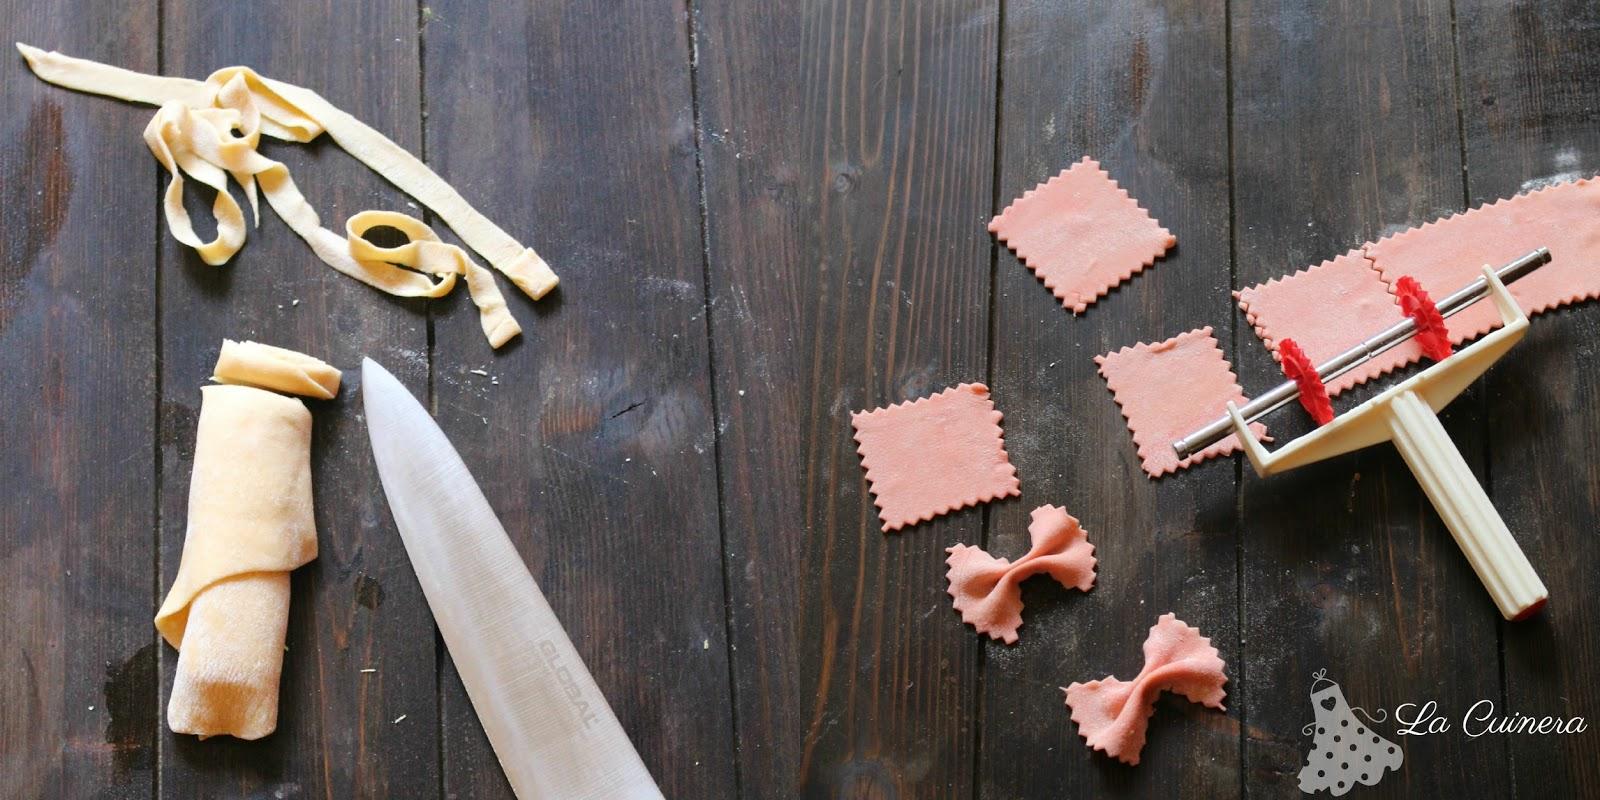 La cuinera c mo hacer pasta fresca en casa - Maquina para hacer macarrones ...